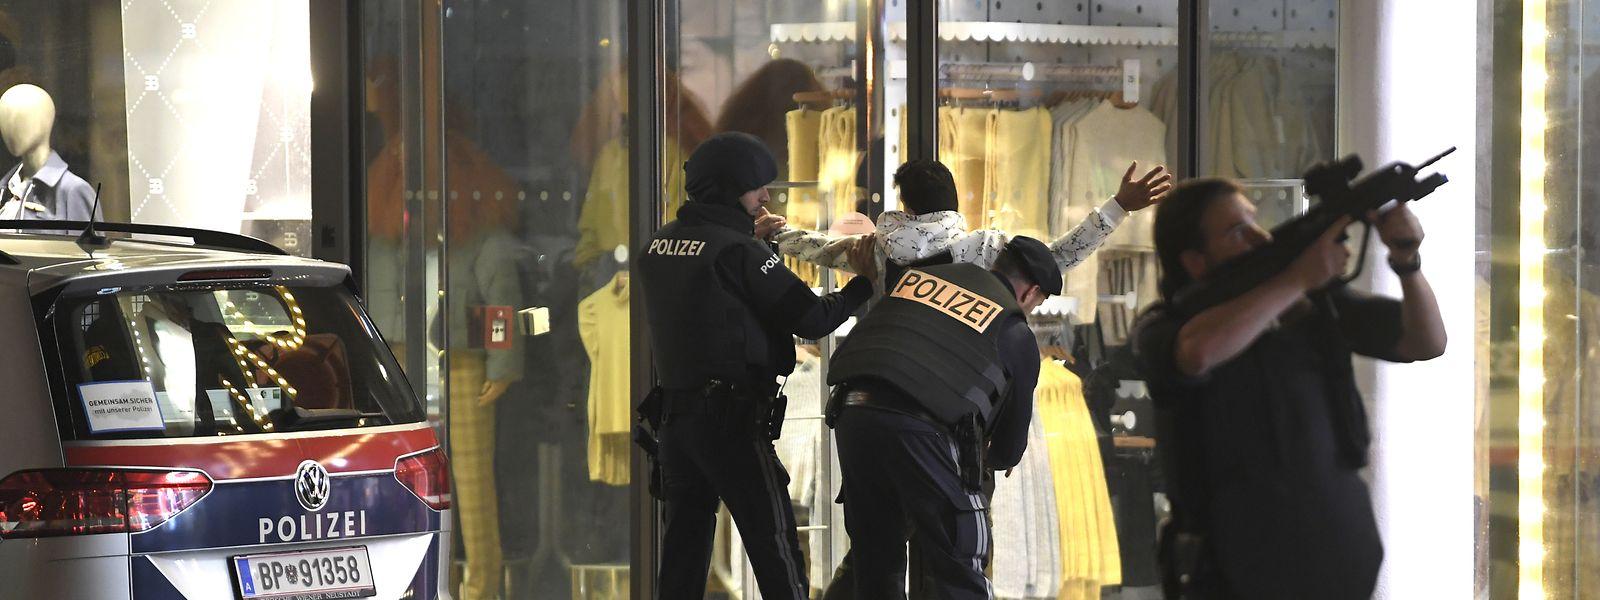 Schwerbewaffnete Einsatzkräfte kontrollieren in der Wiener Innenstadt eine Person.